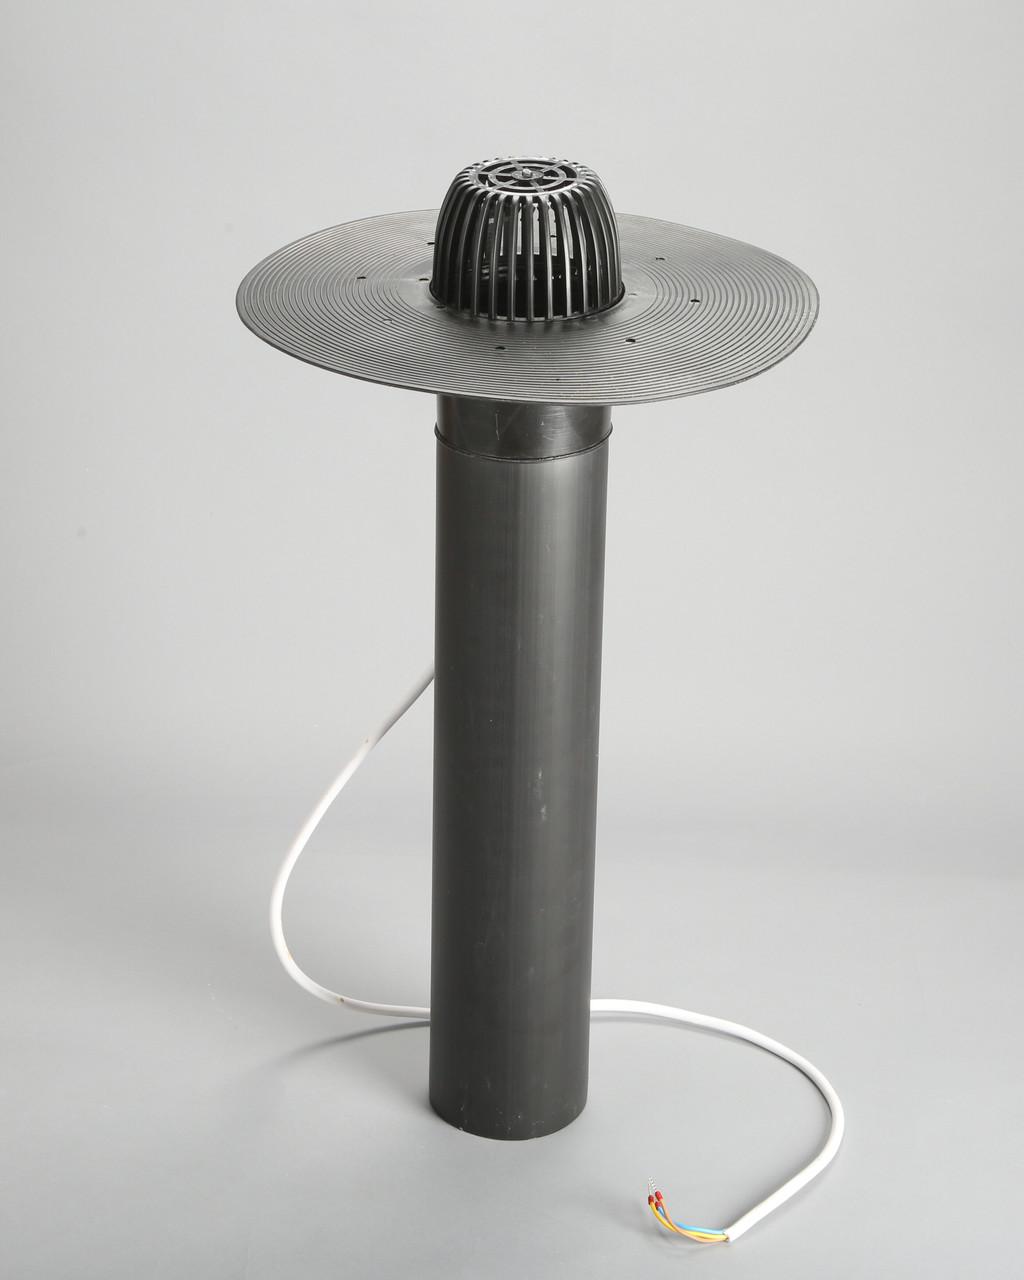 Кровельная воронка 110/600 мм с обогревом под еврорубероид